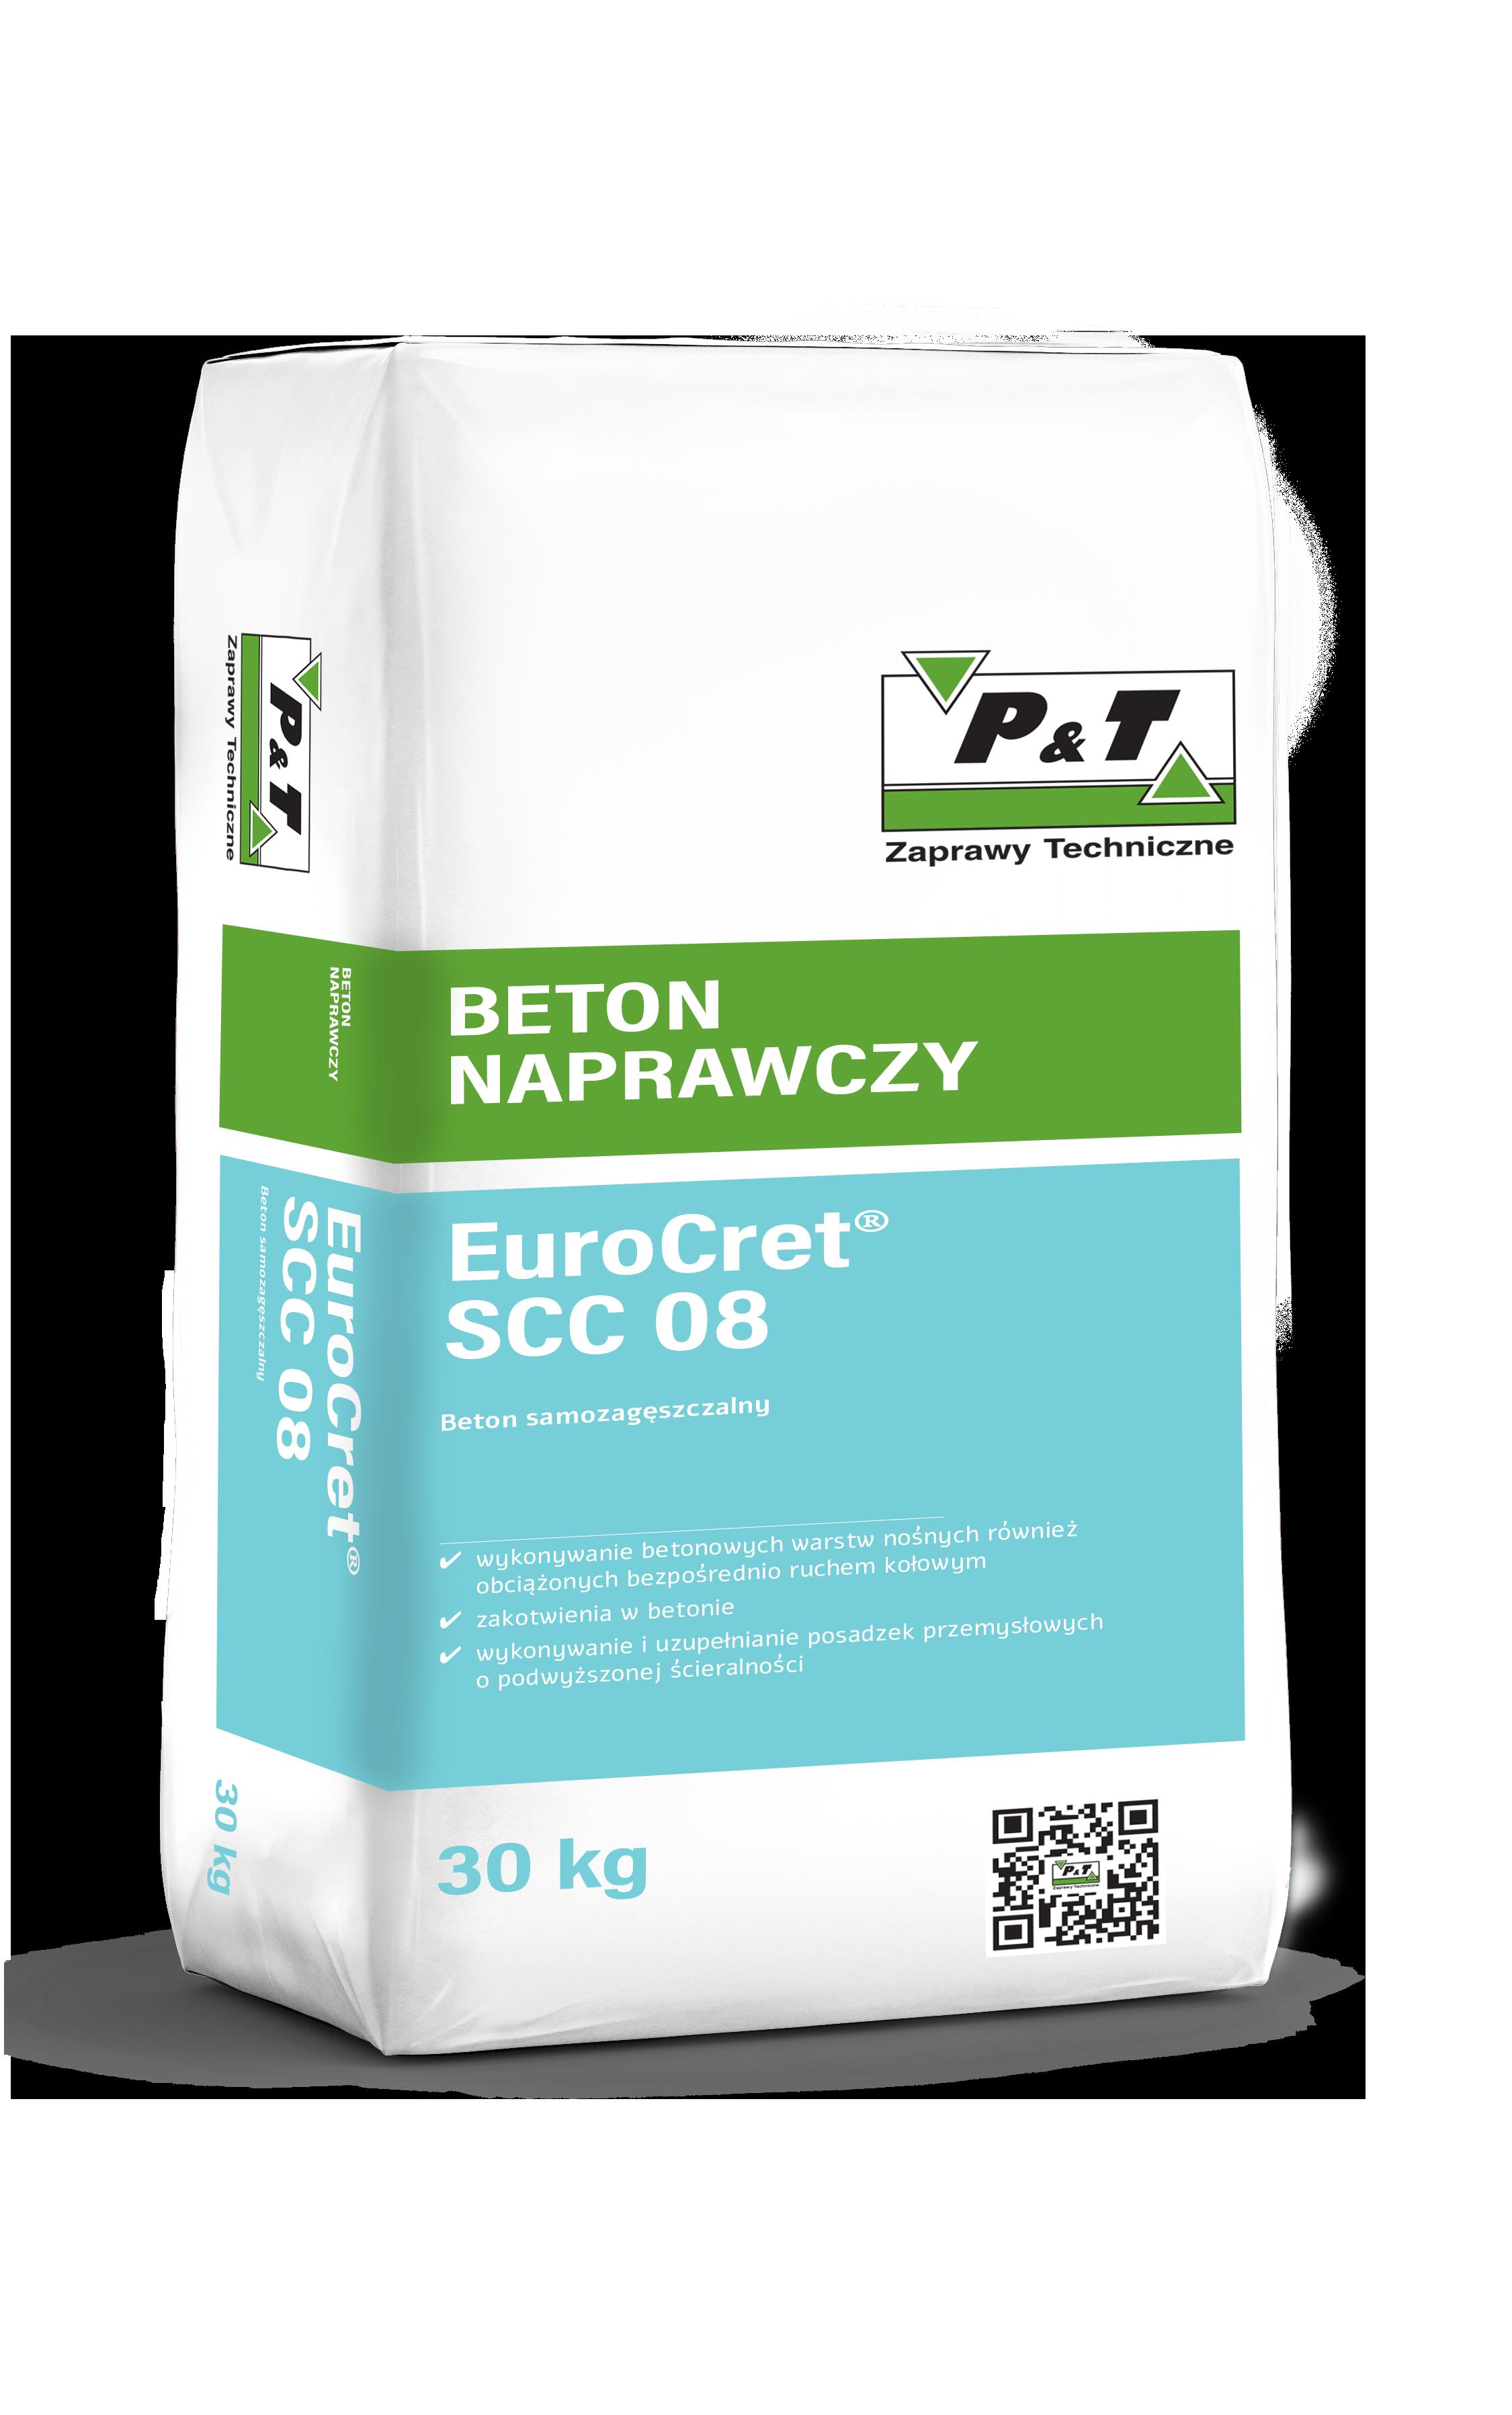 EuroCret SCC 08